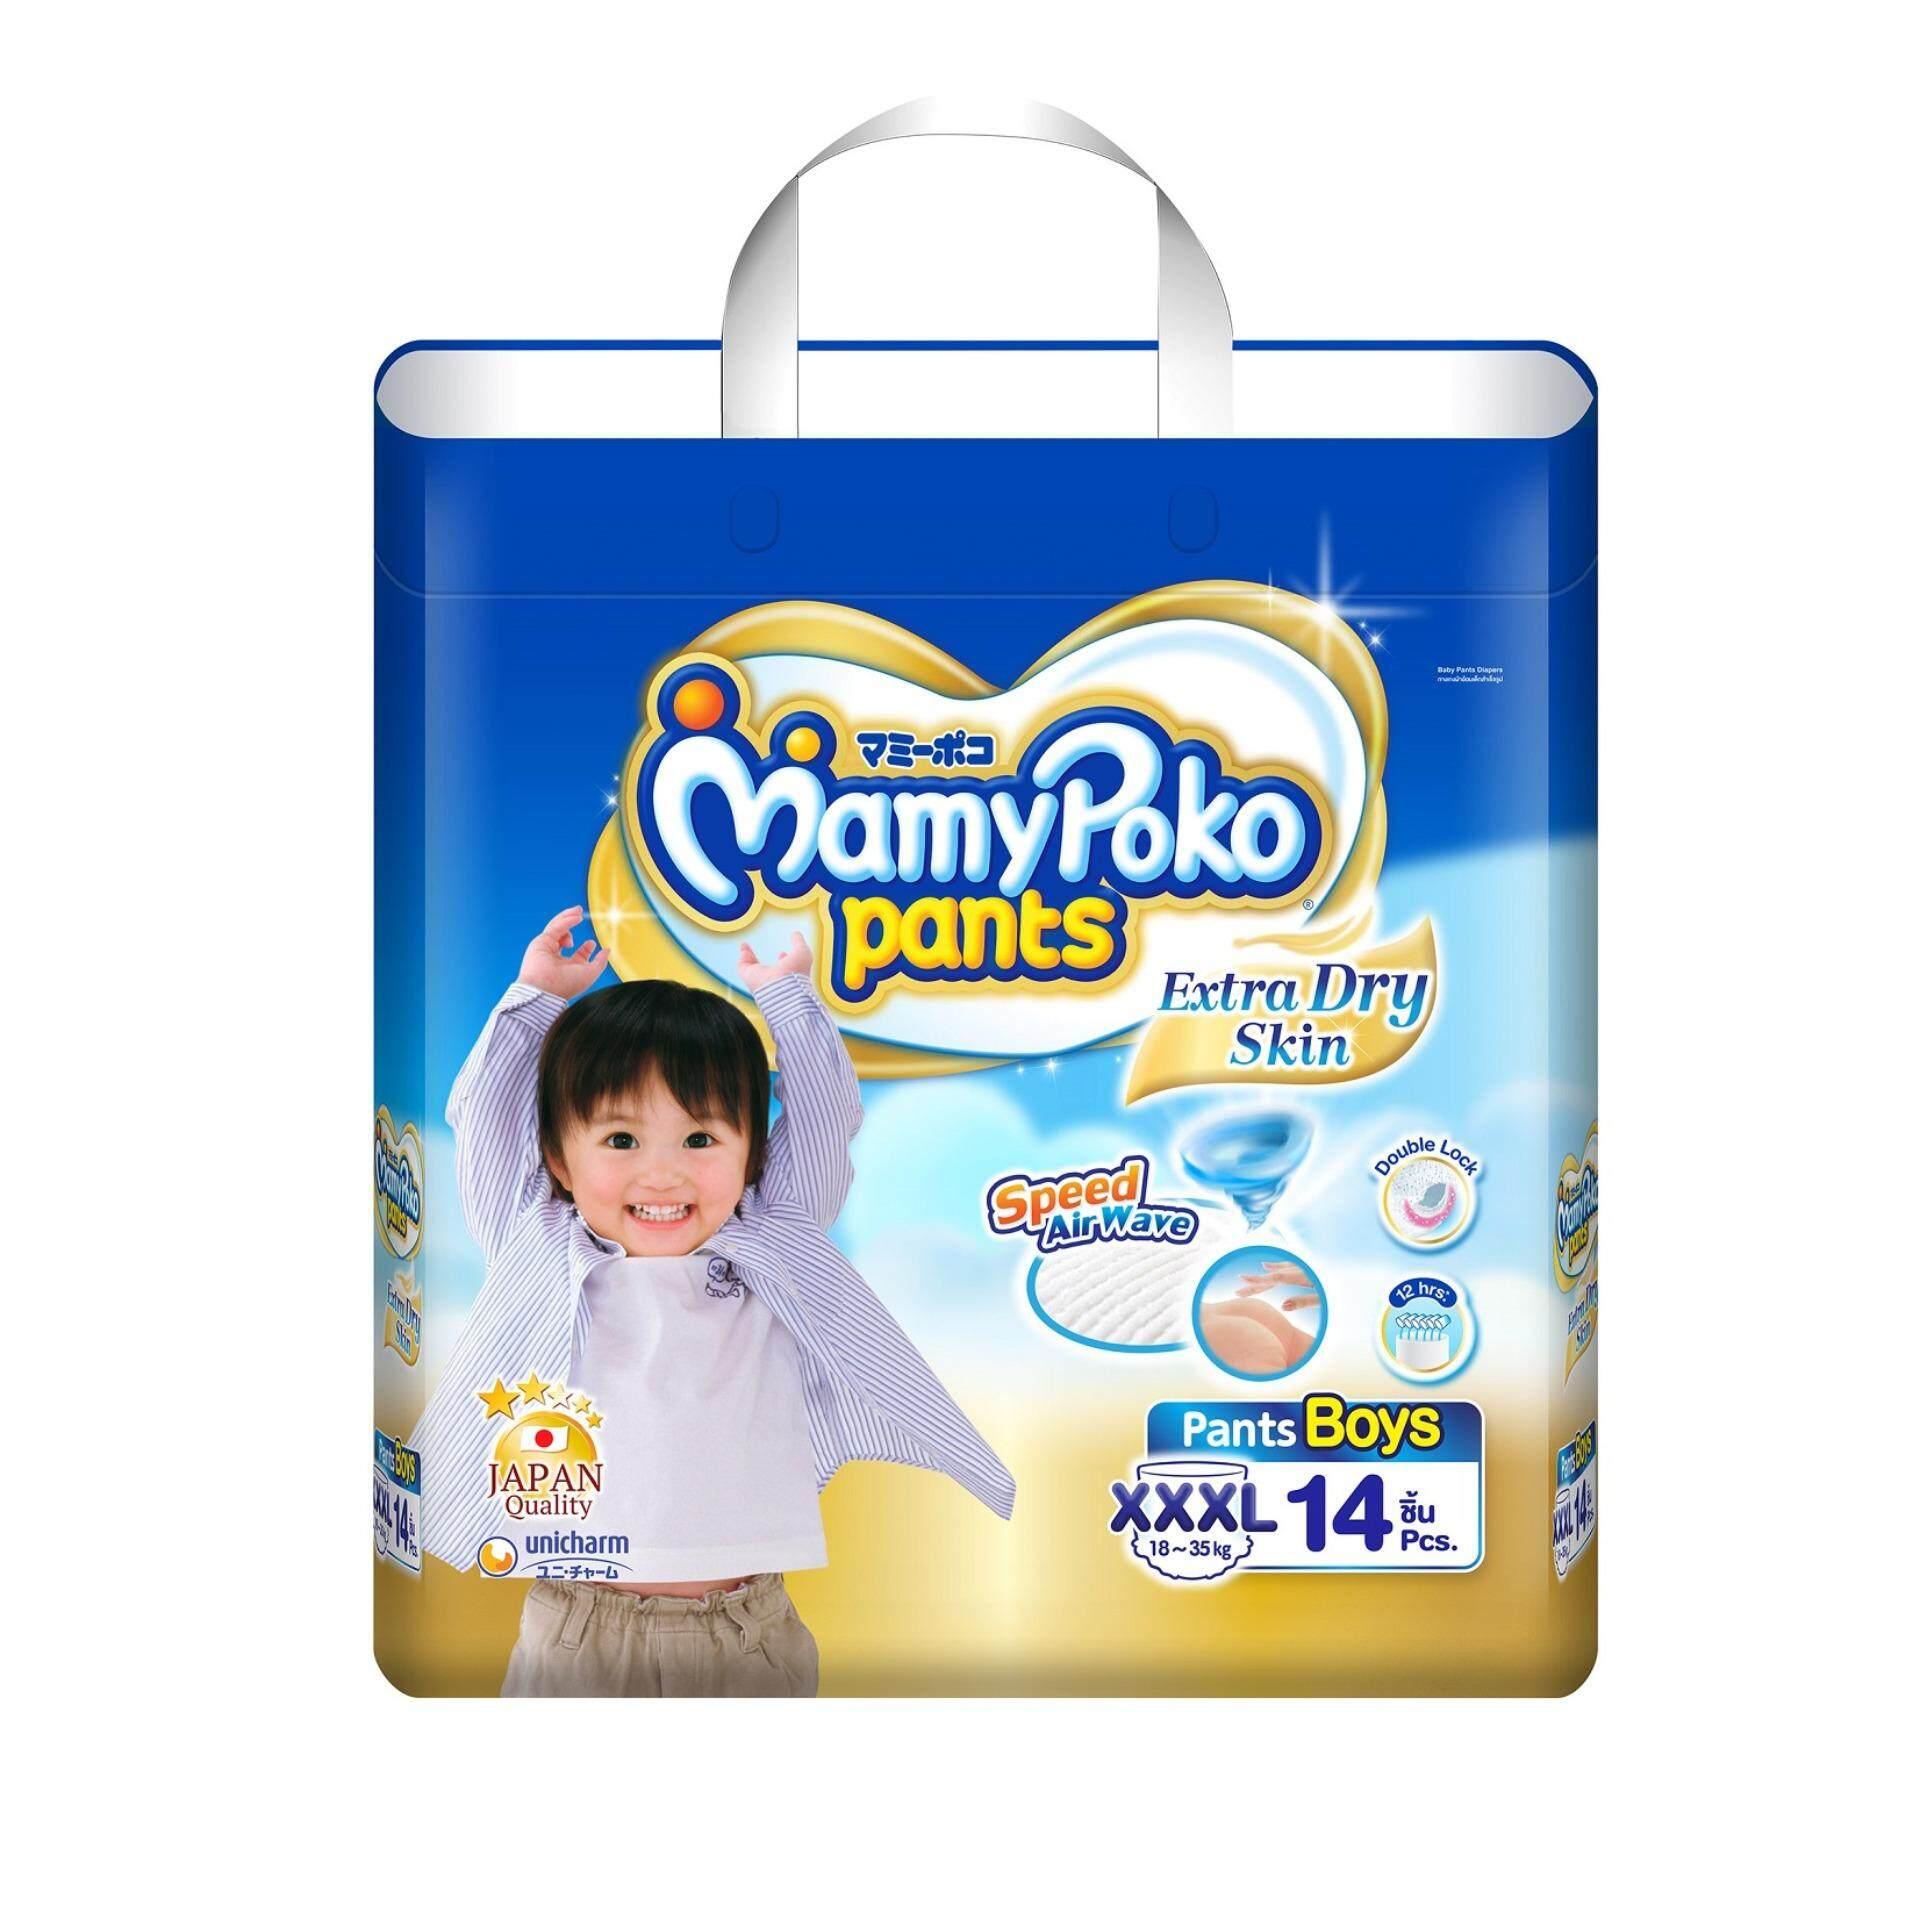 Mamy Poko กางเกงผ้าอ้อม รุ่น Extra Dry Skin ไซส์ Xxxl 14 ชิ้น (สำหรับเด็กชาย).